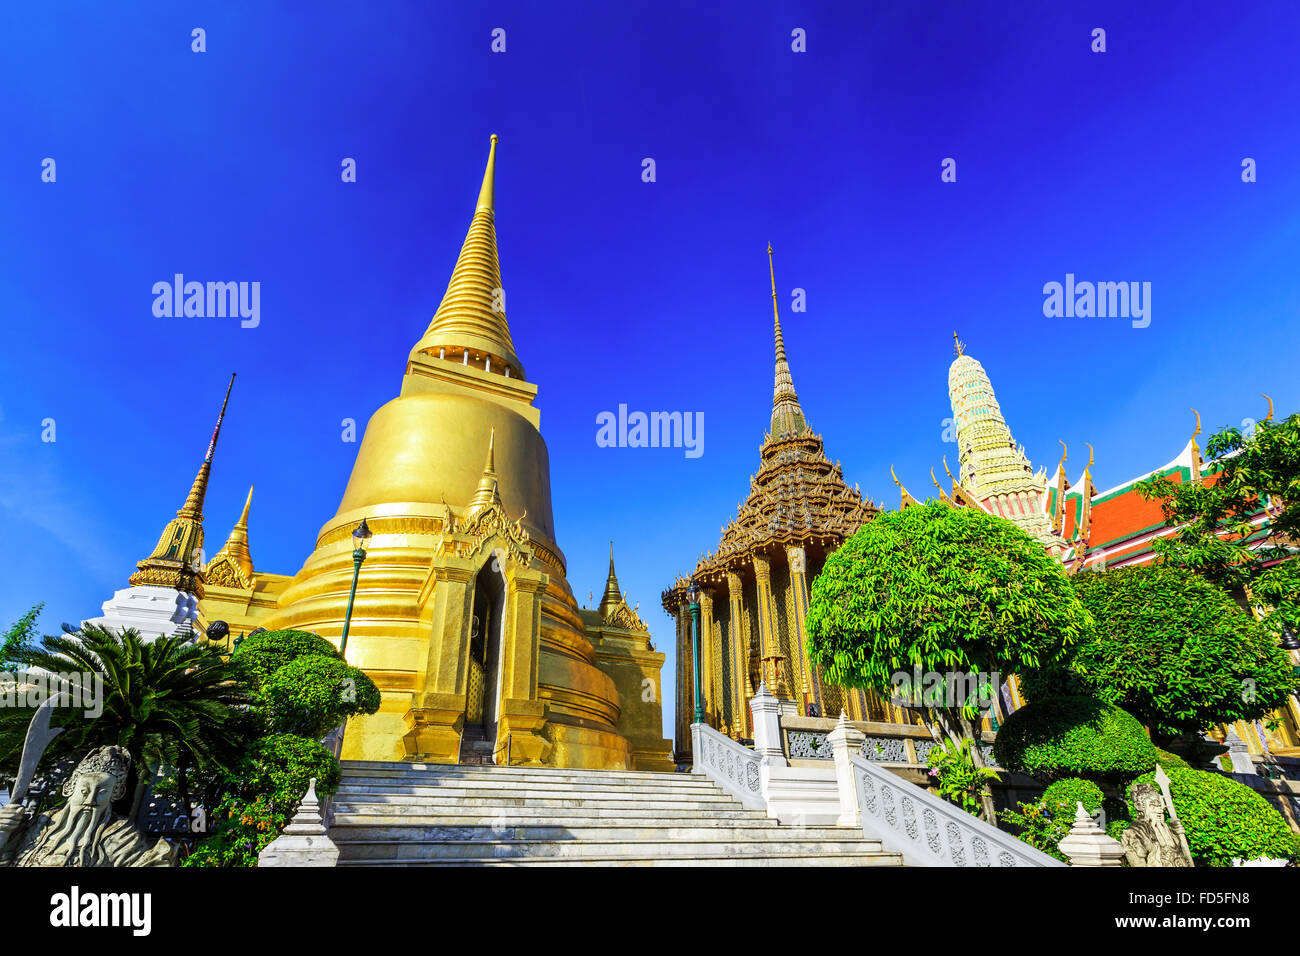 Bangkok, Tailandia. Wat Phra Kaew, el Templo del Buda Esmeralda Imagen De Stock